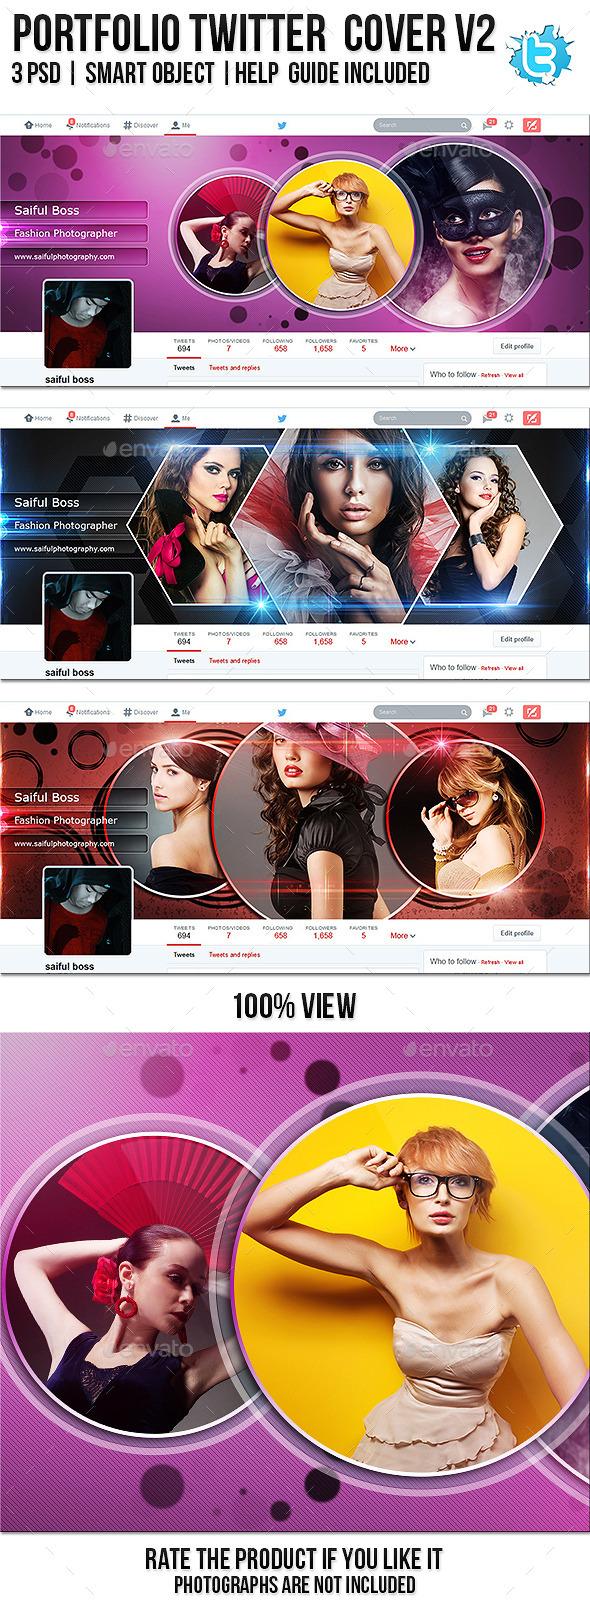 Portfolio Twitter Profile Cover V2 - Twitter Social Media